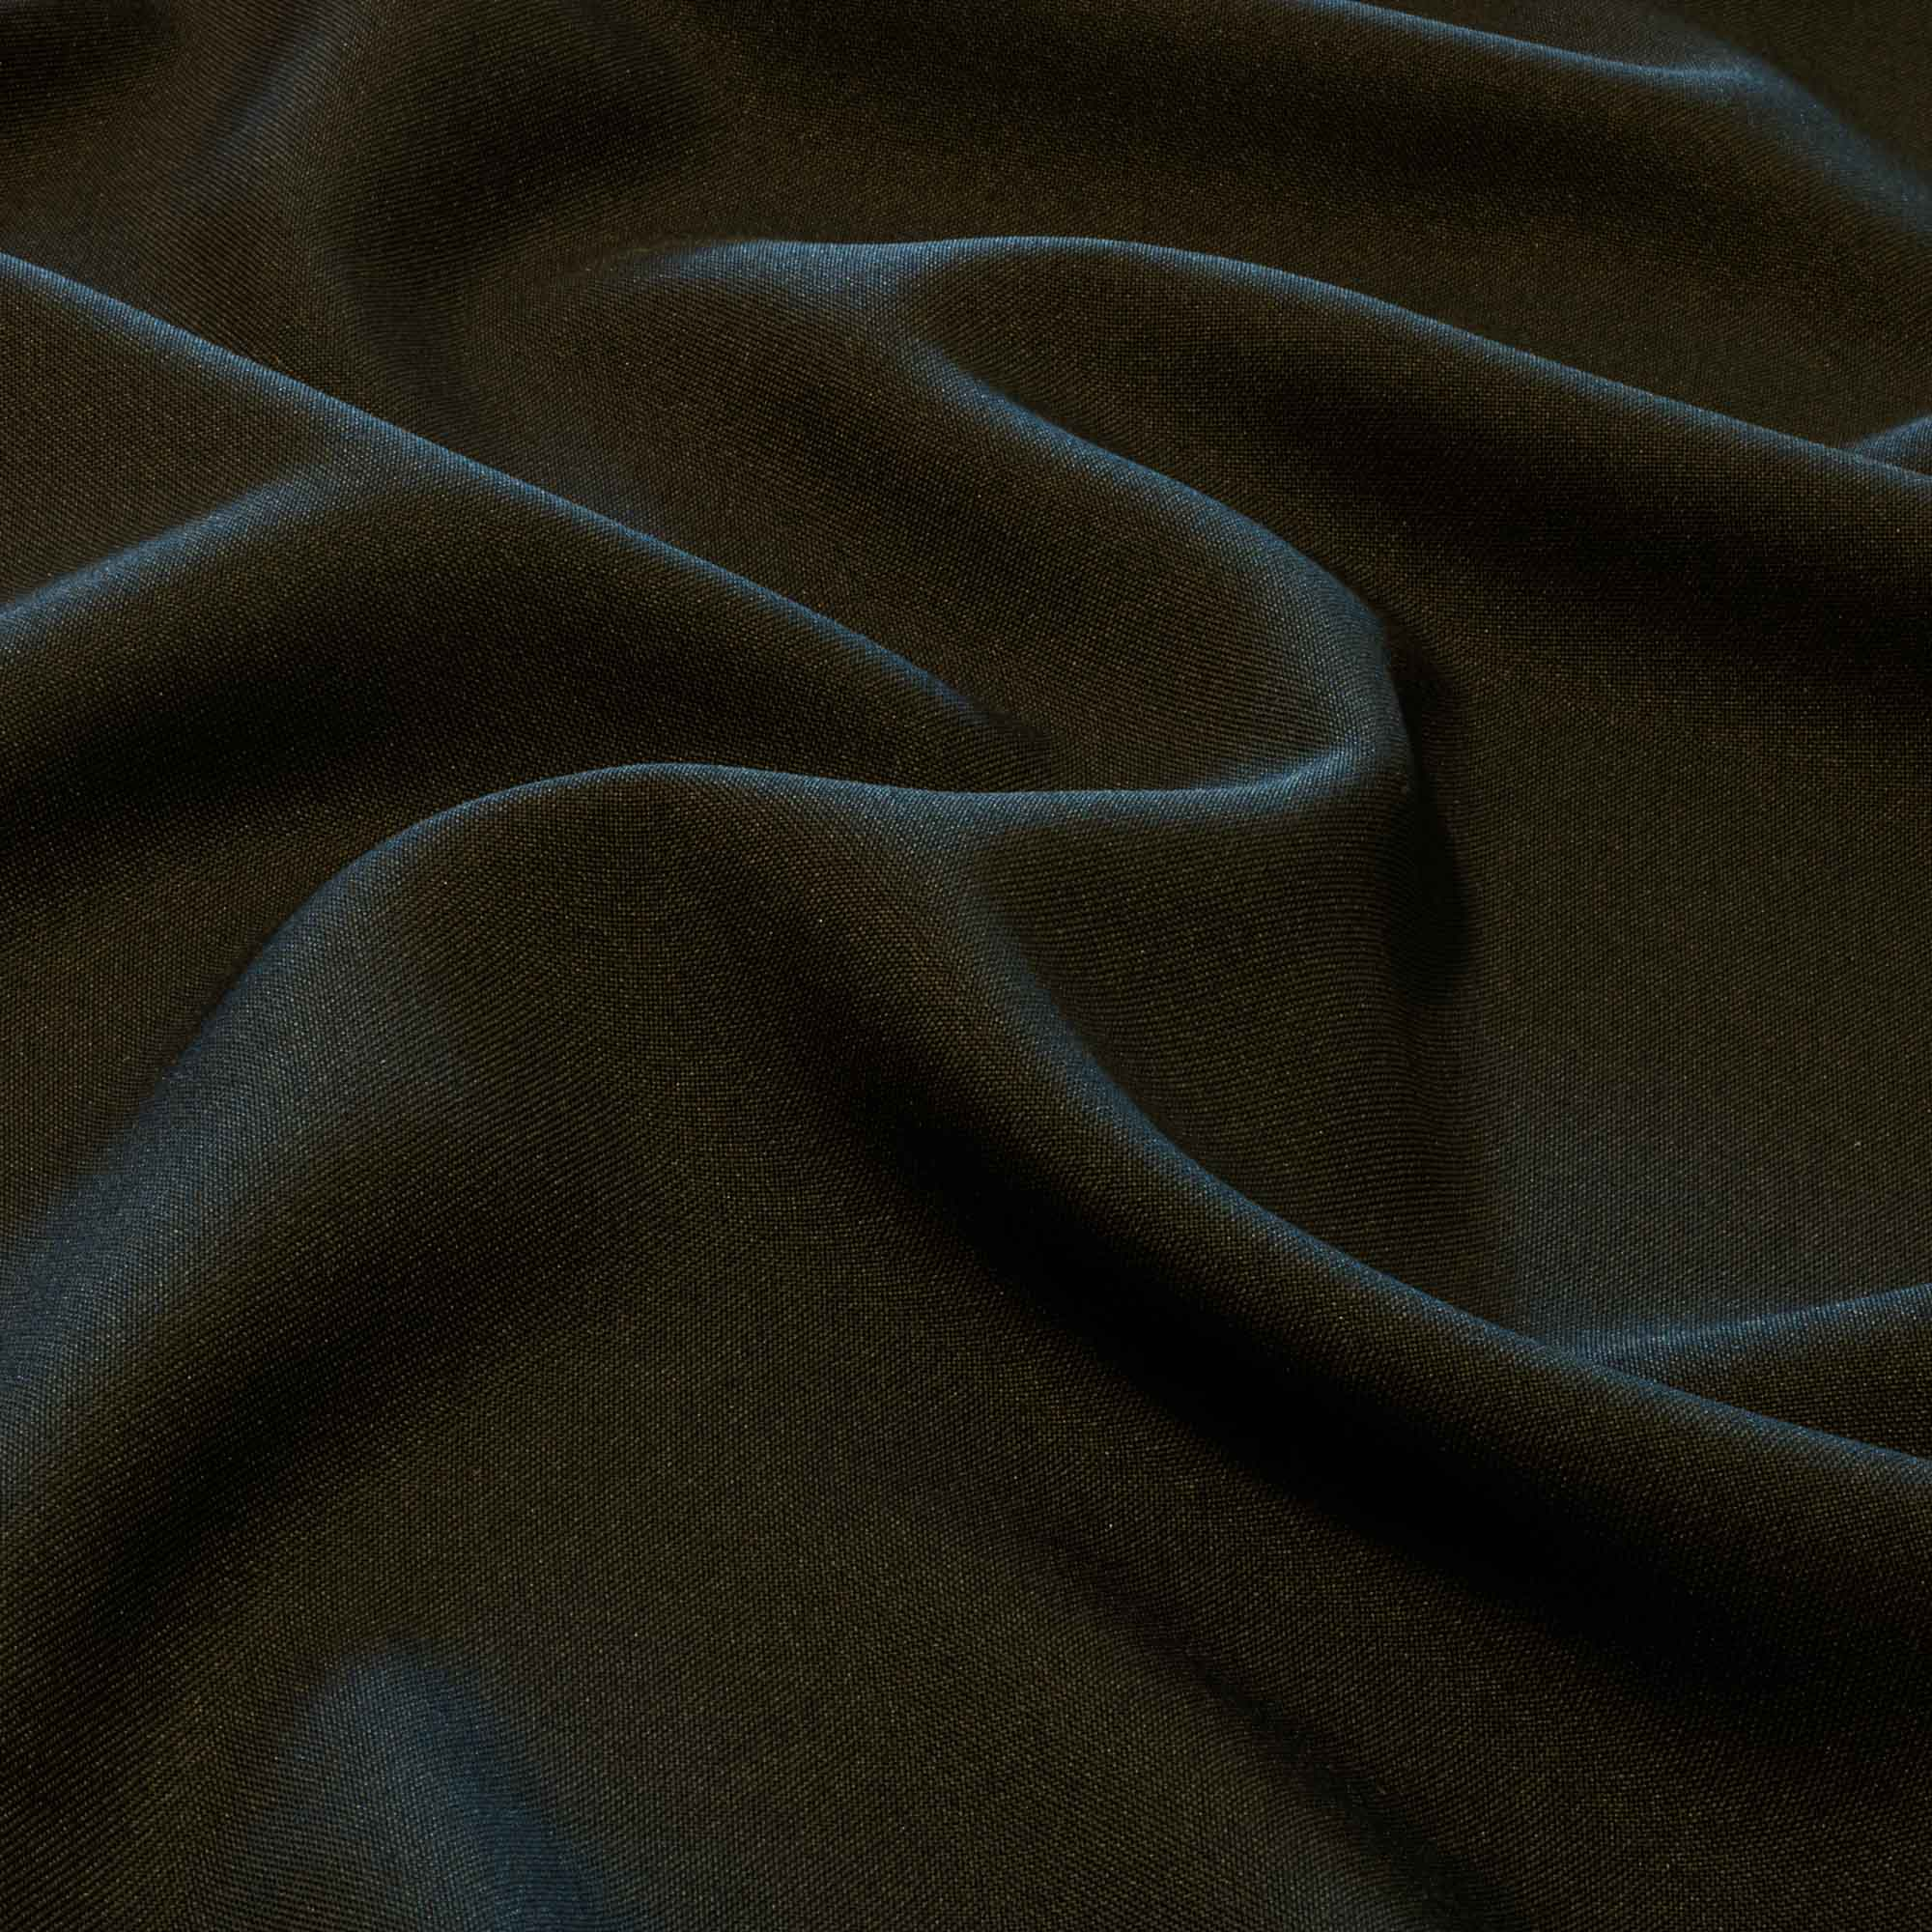 Tecido Oxford 100% Poliester 1,50 m Largura Cinza Escuro